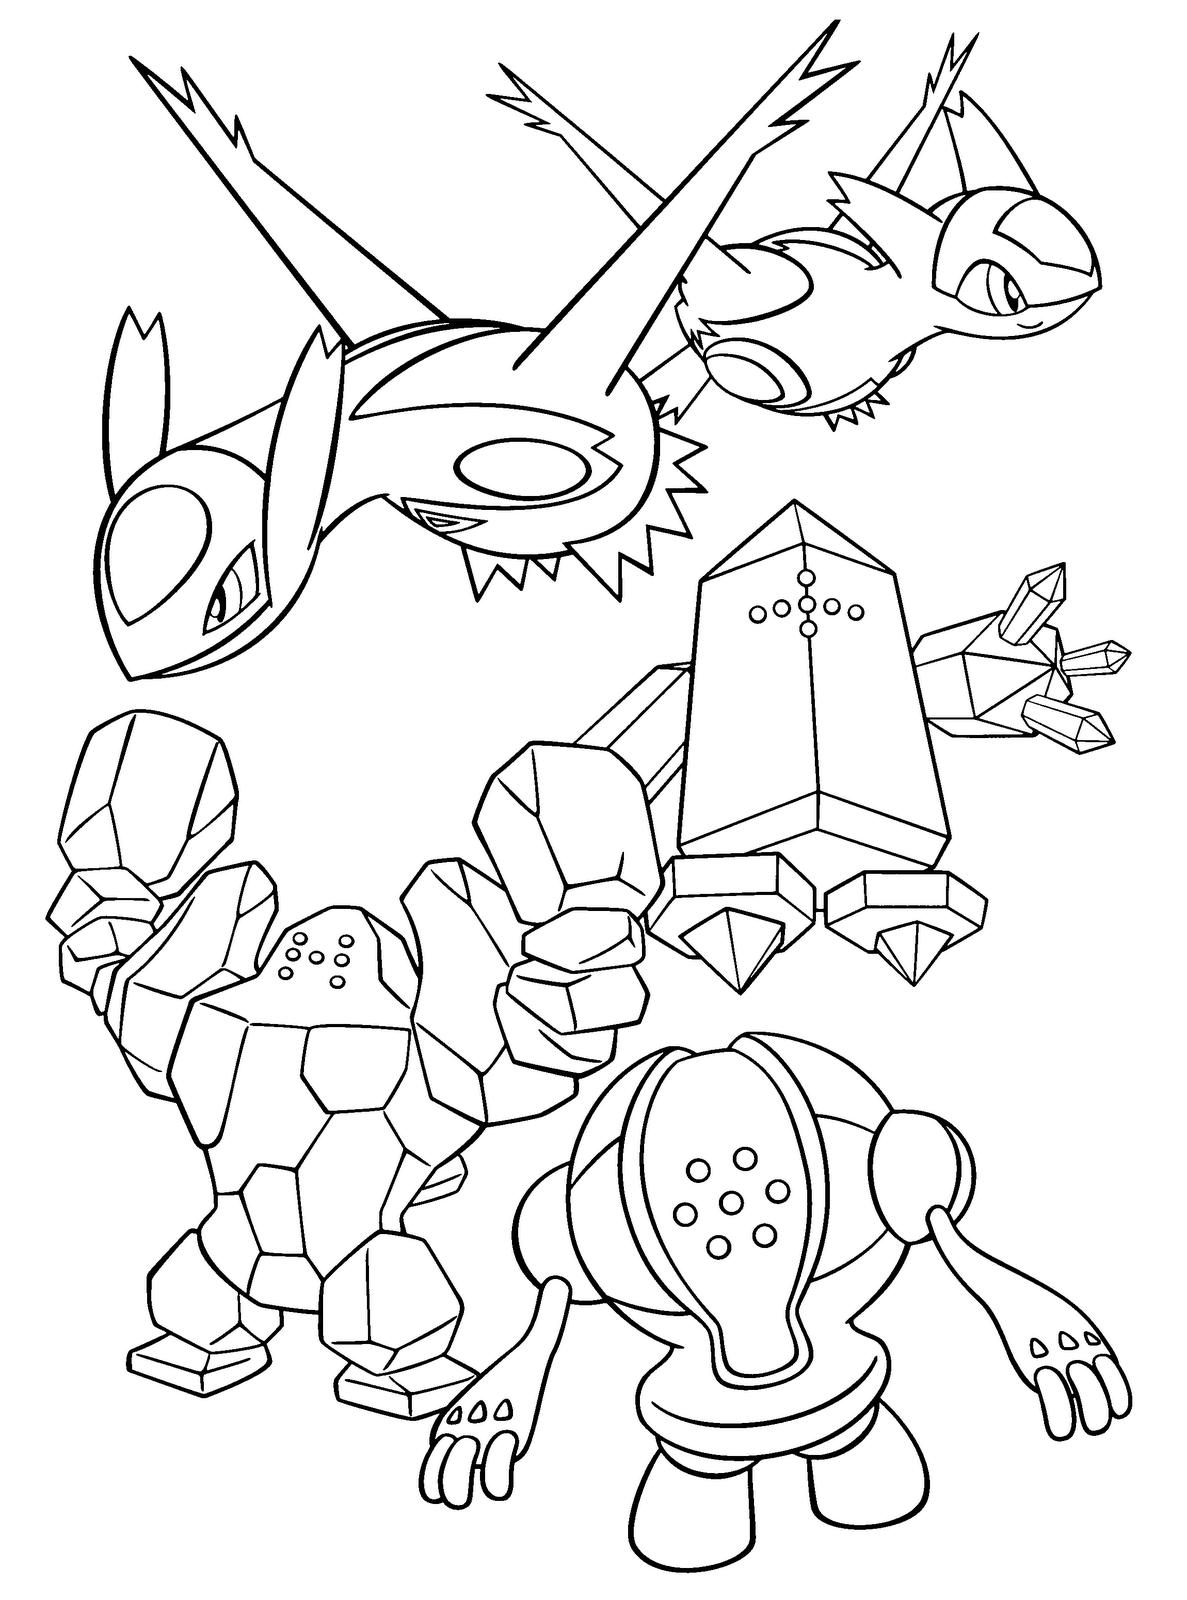 desenhos para colorir 6 geracao